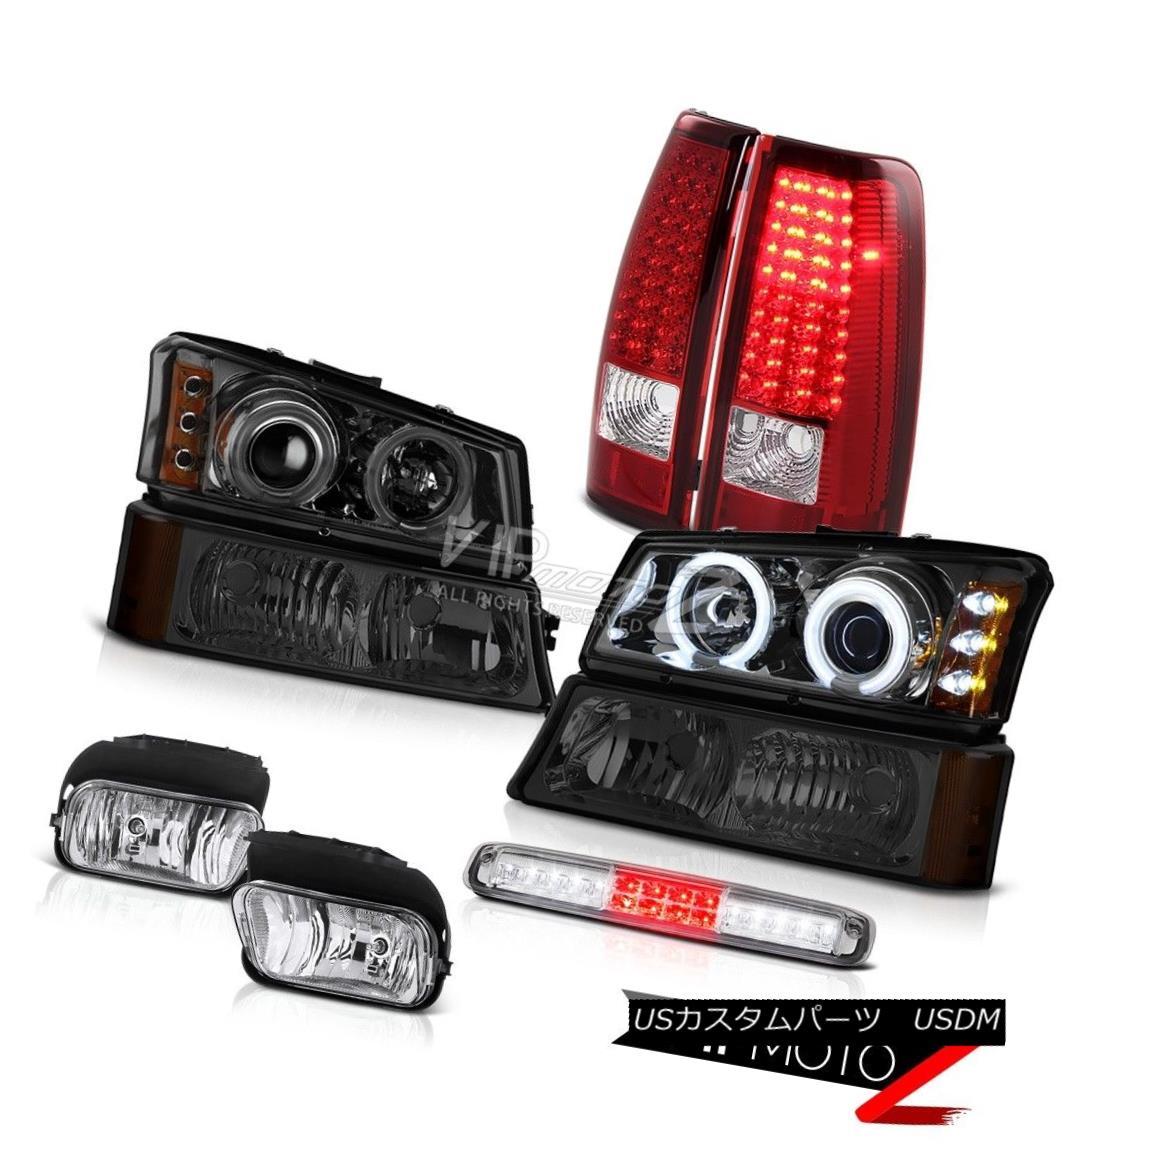 ヘッドライト 2003-2006 Silverado Fog Lights Signal Lamp Roof Cargo Headlights Red Taillights 2003-2006シルバラードフォグライト信号ランプ屋根カーゴヘッドライト赤い曇り灯